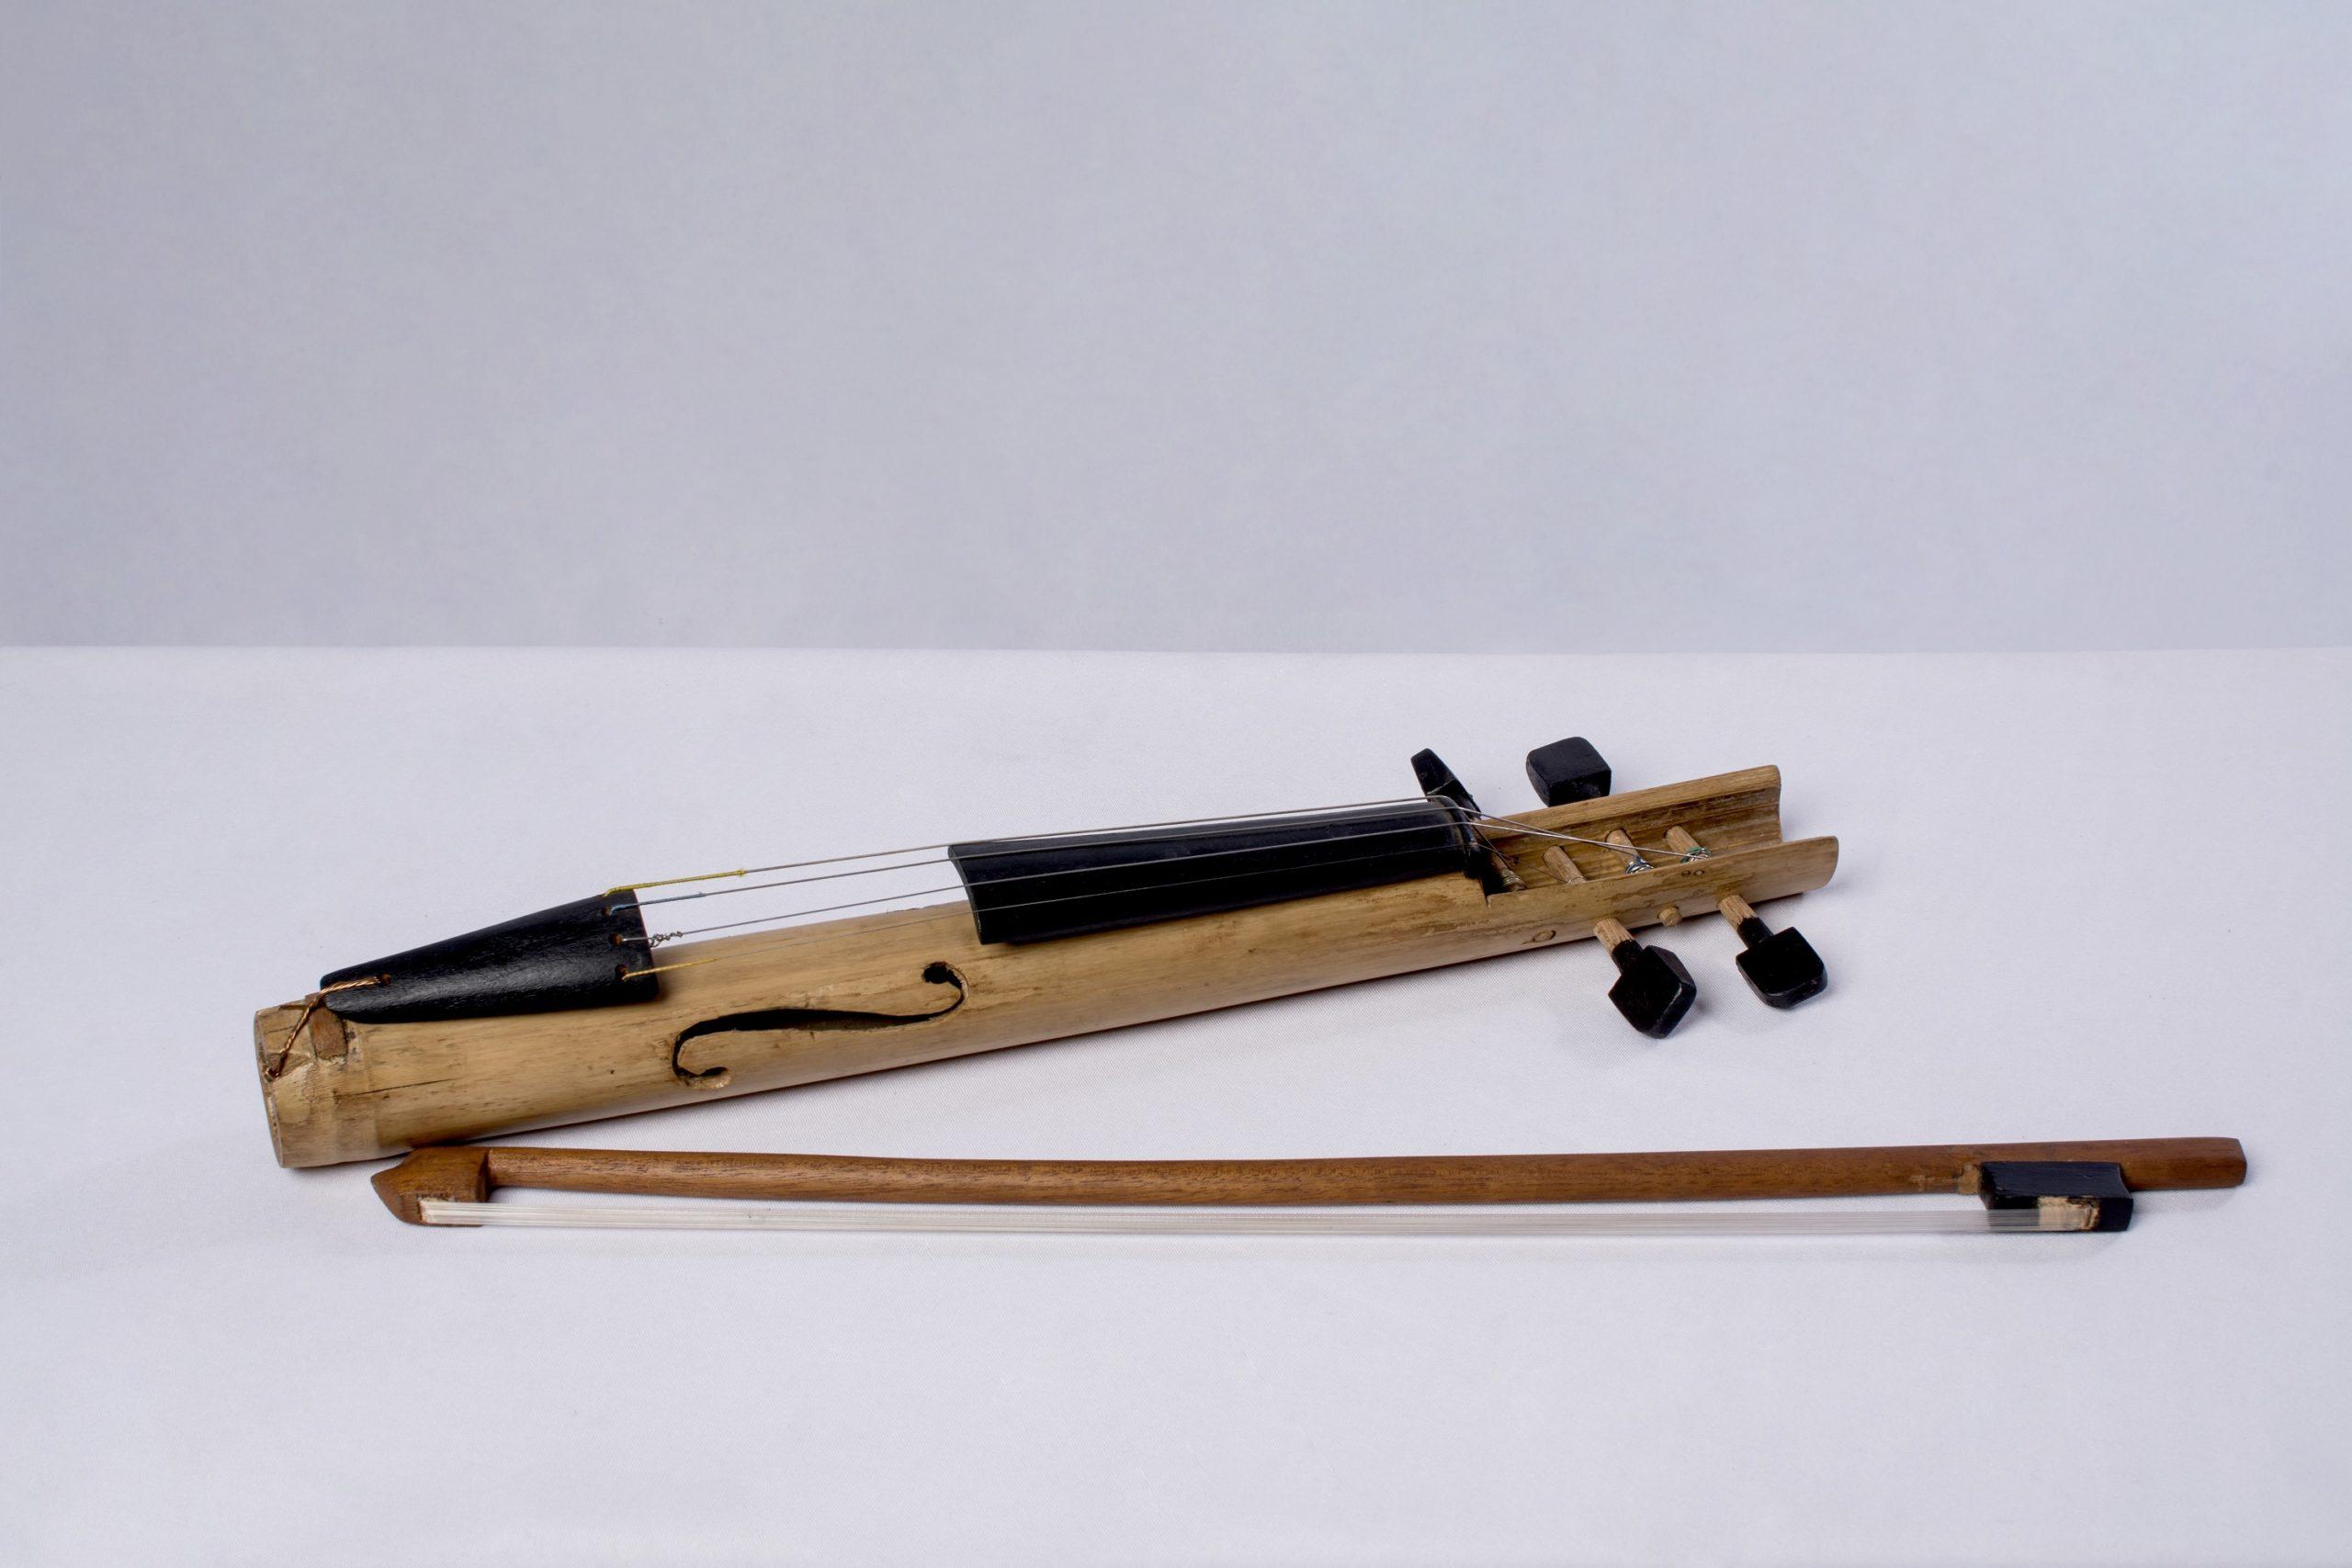 Violín (instrumentos musicales de cuerda).Material: Caña, madera y metal.